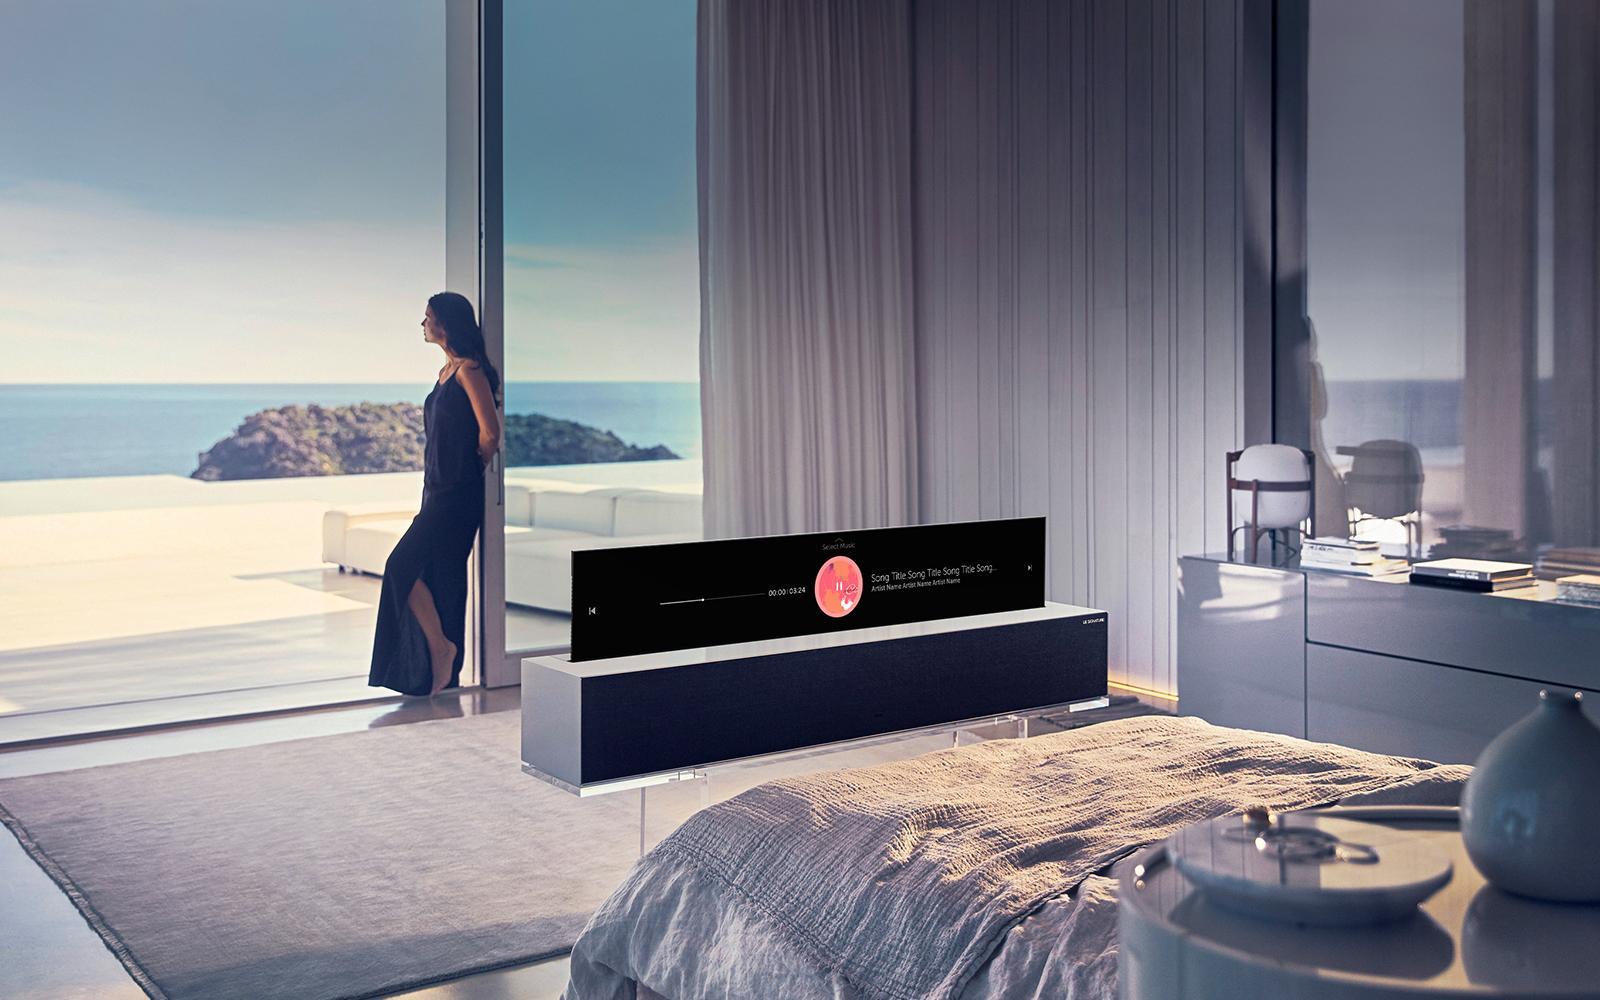 Женщина стоит у окна, наблюдая за видом на пляж из своей спальни.